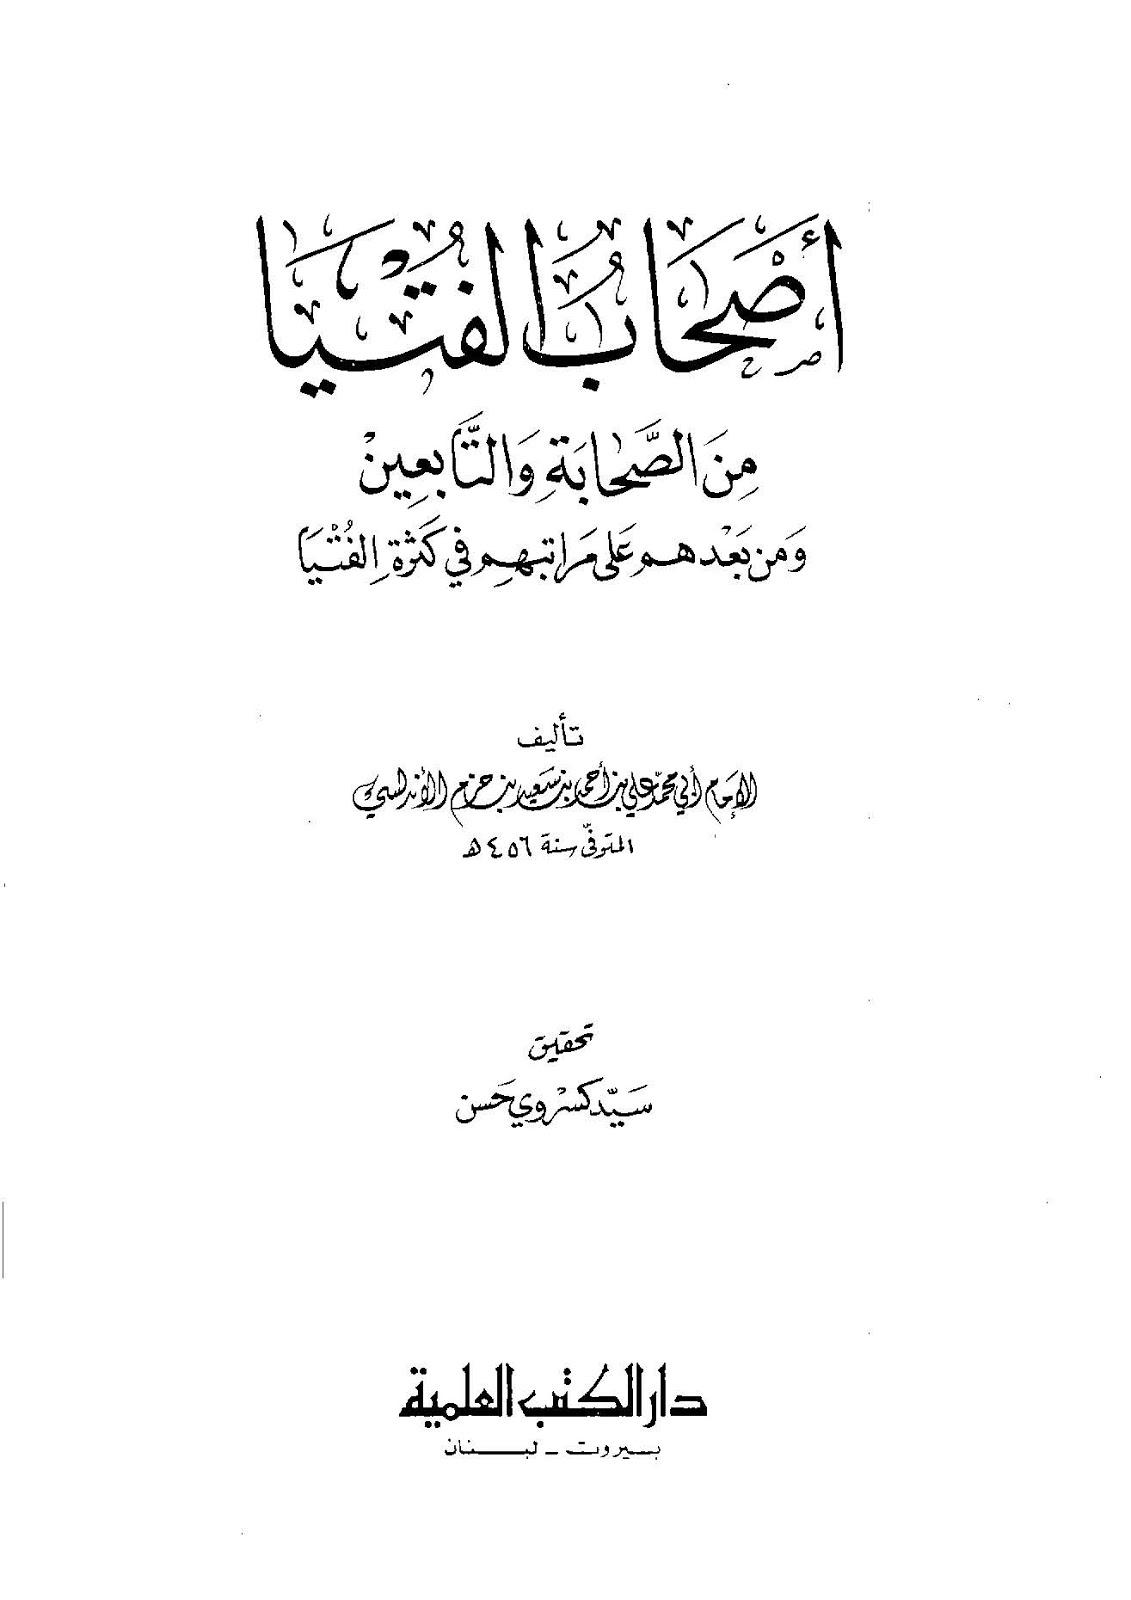 أصحاب الفتيا من الصحابة والتابعين ومن بعدهم - ابن حزم الأندلسي pdf